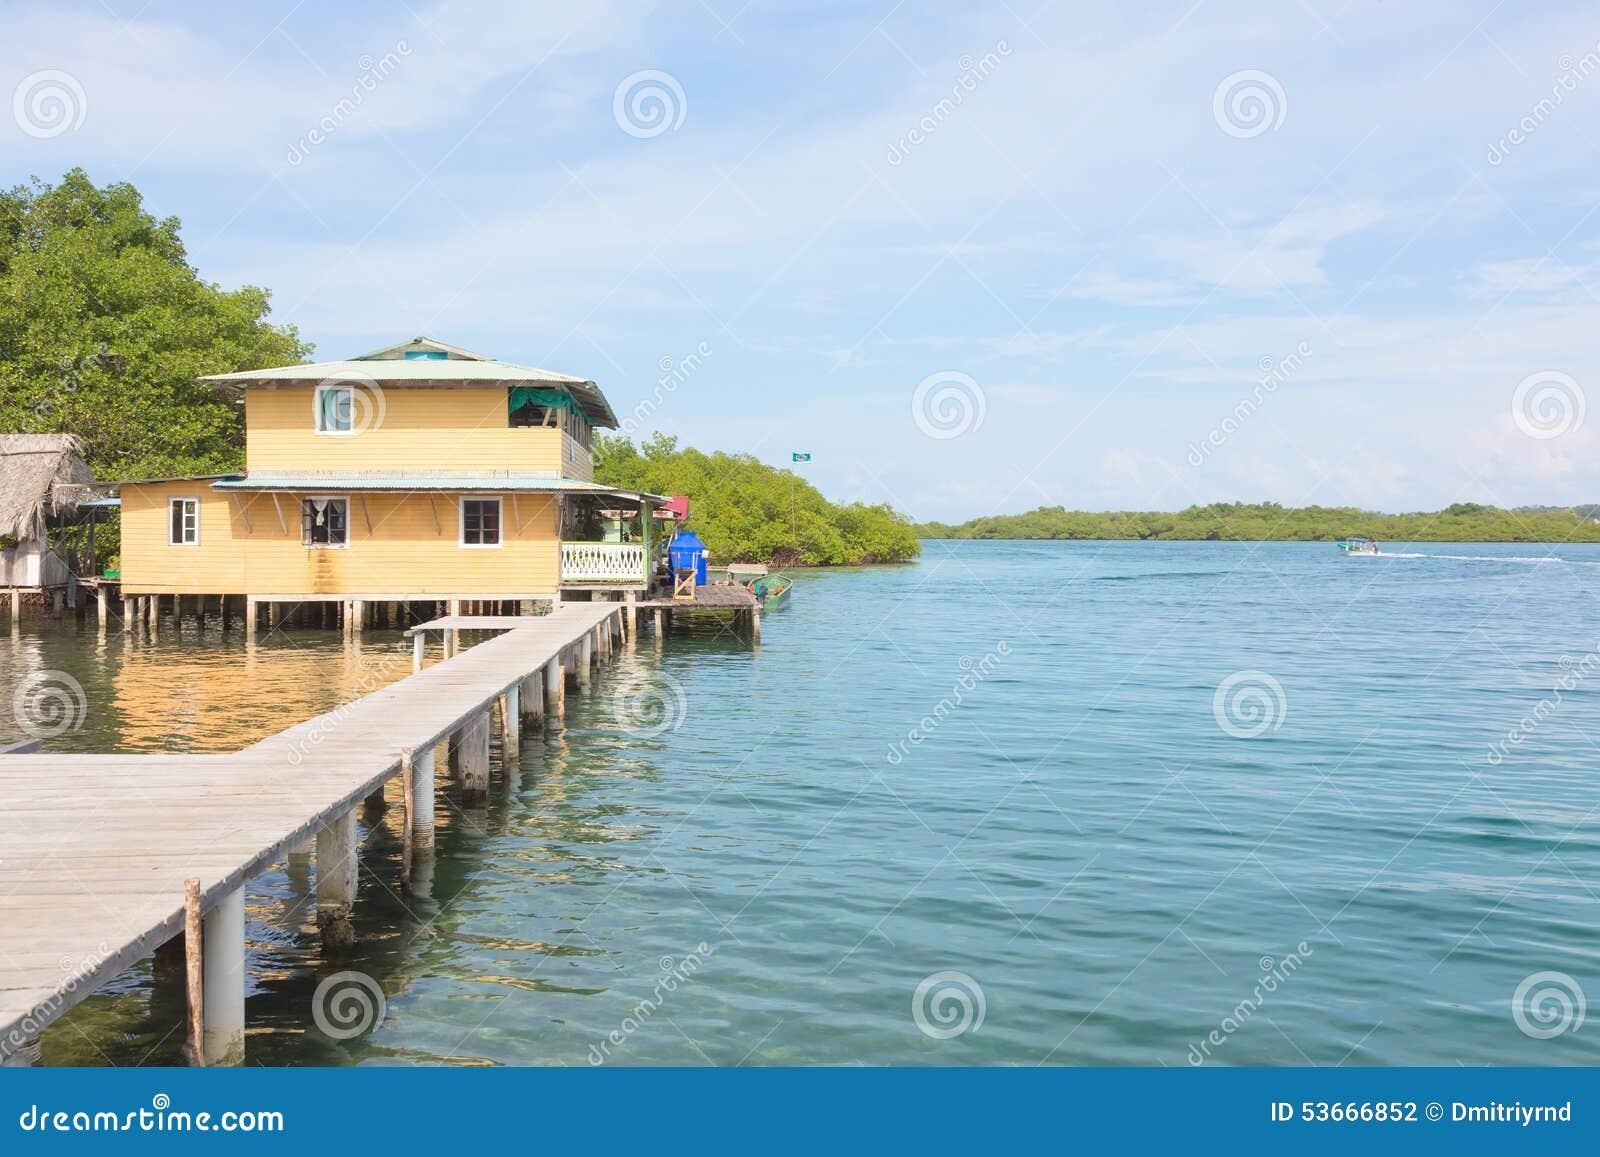 delightful house on stilts plans 2 stilt house over water